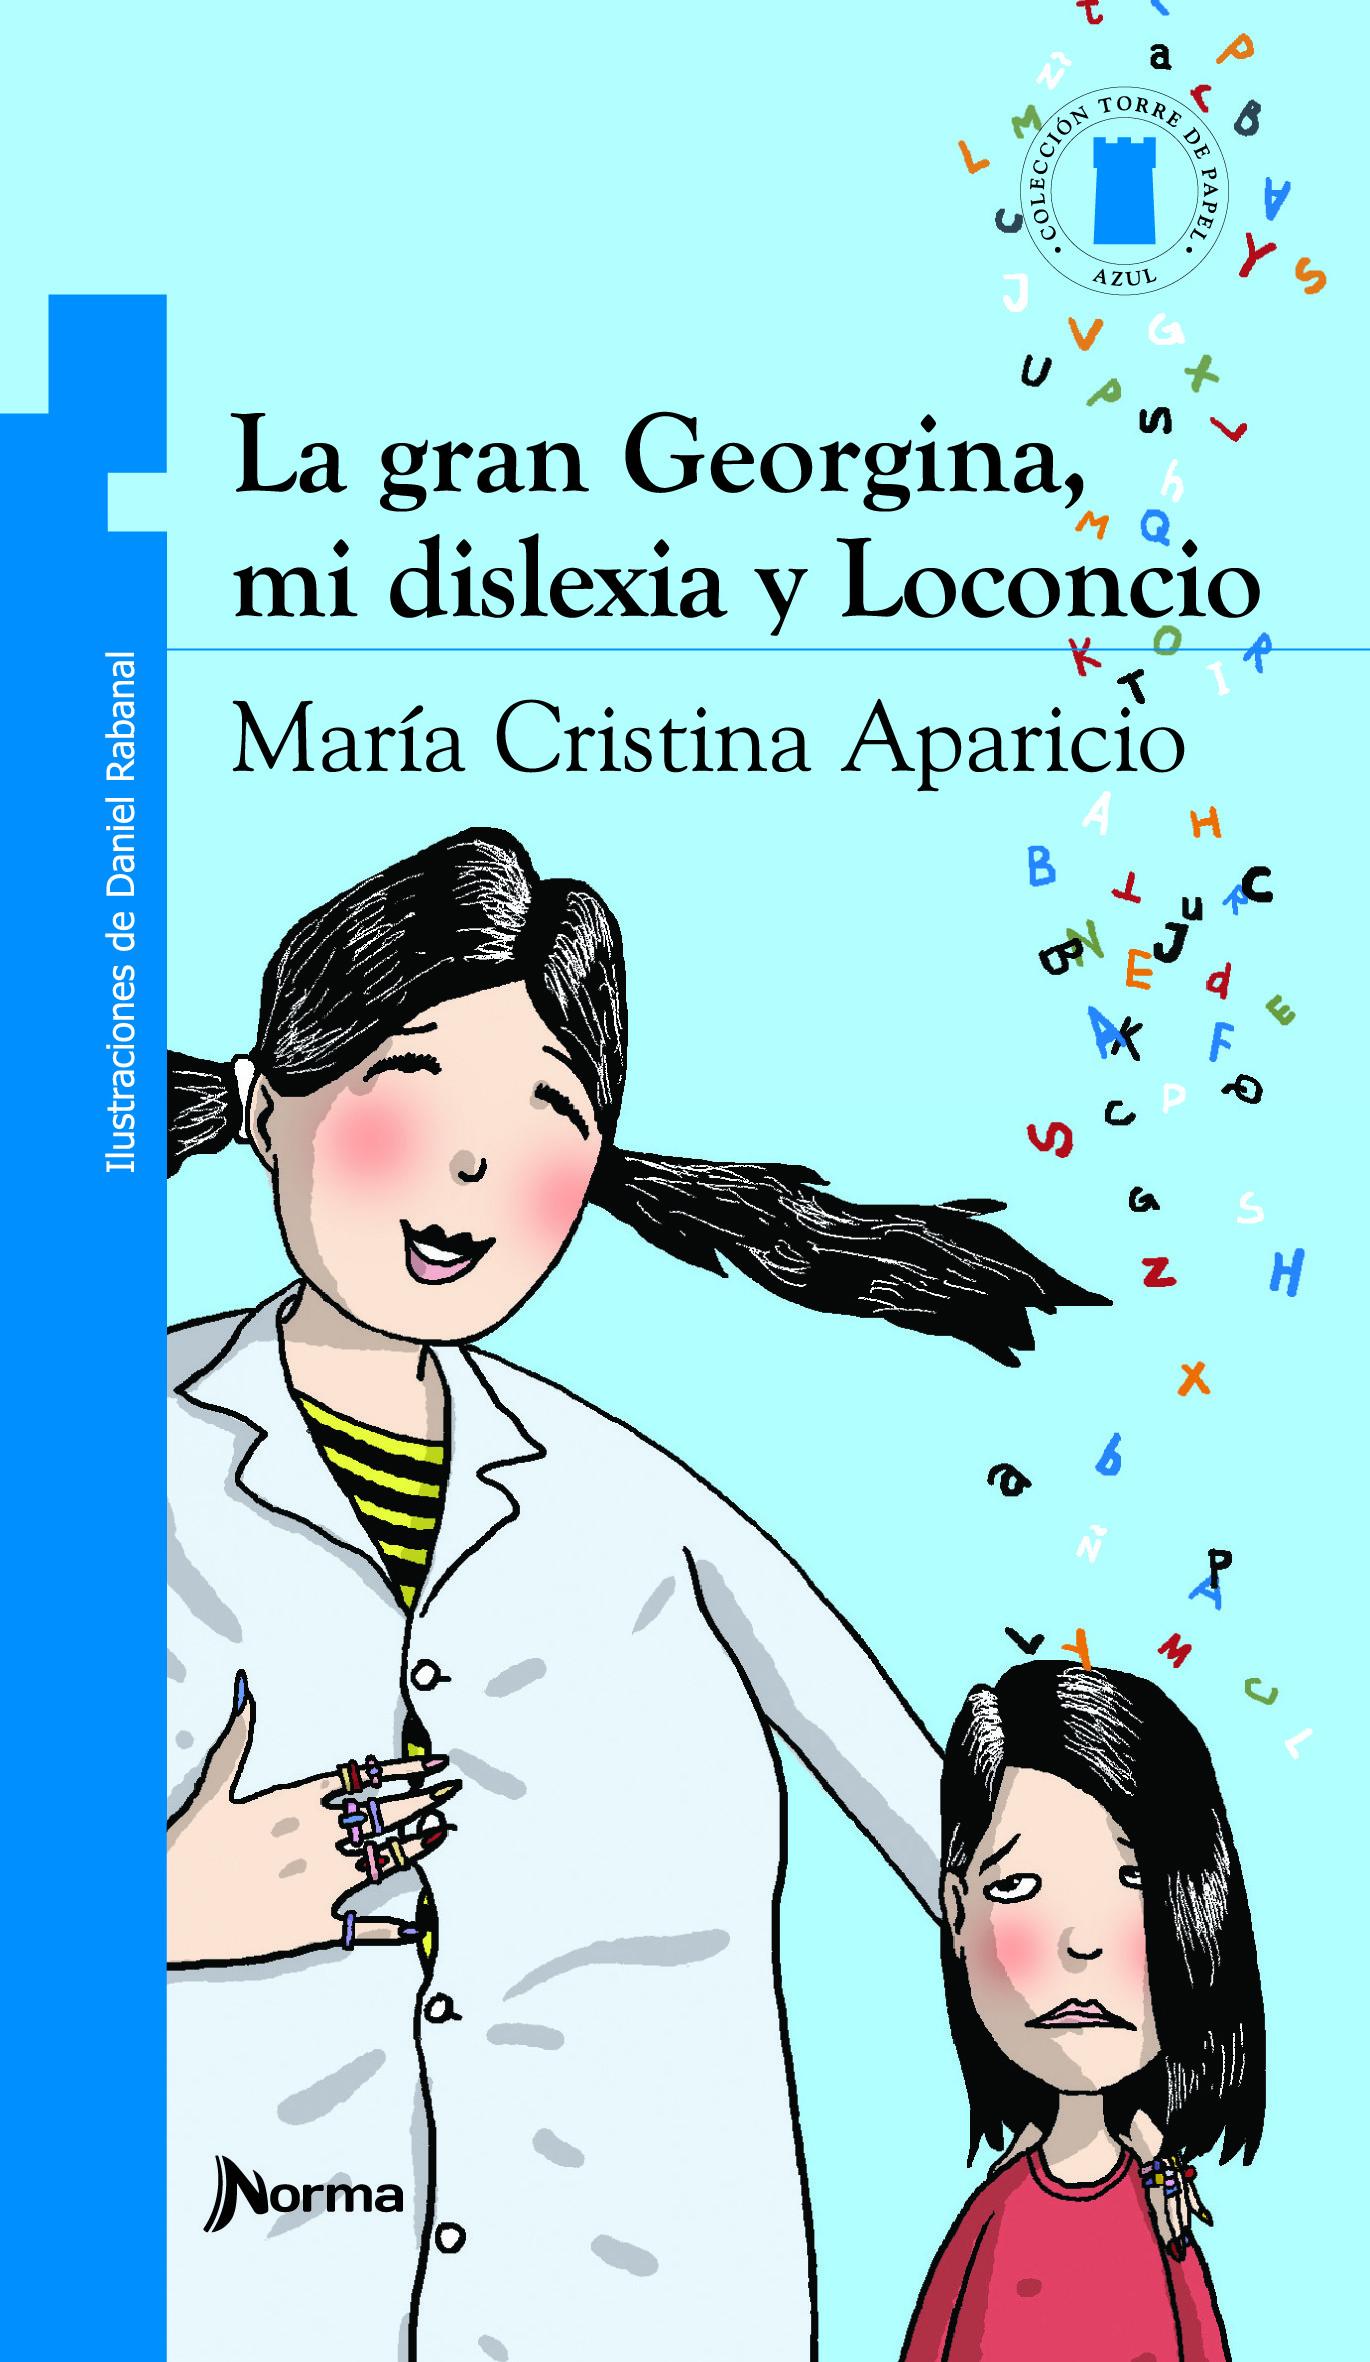 La gran Georgina, mi dislexia y Loconcio